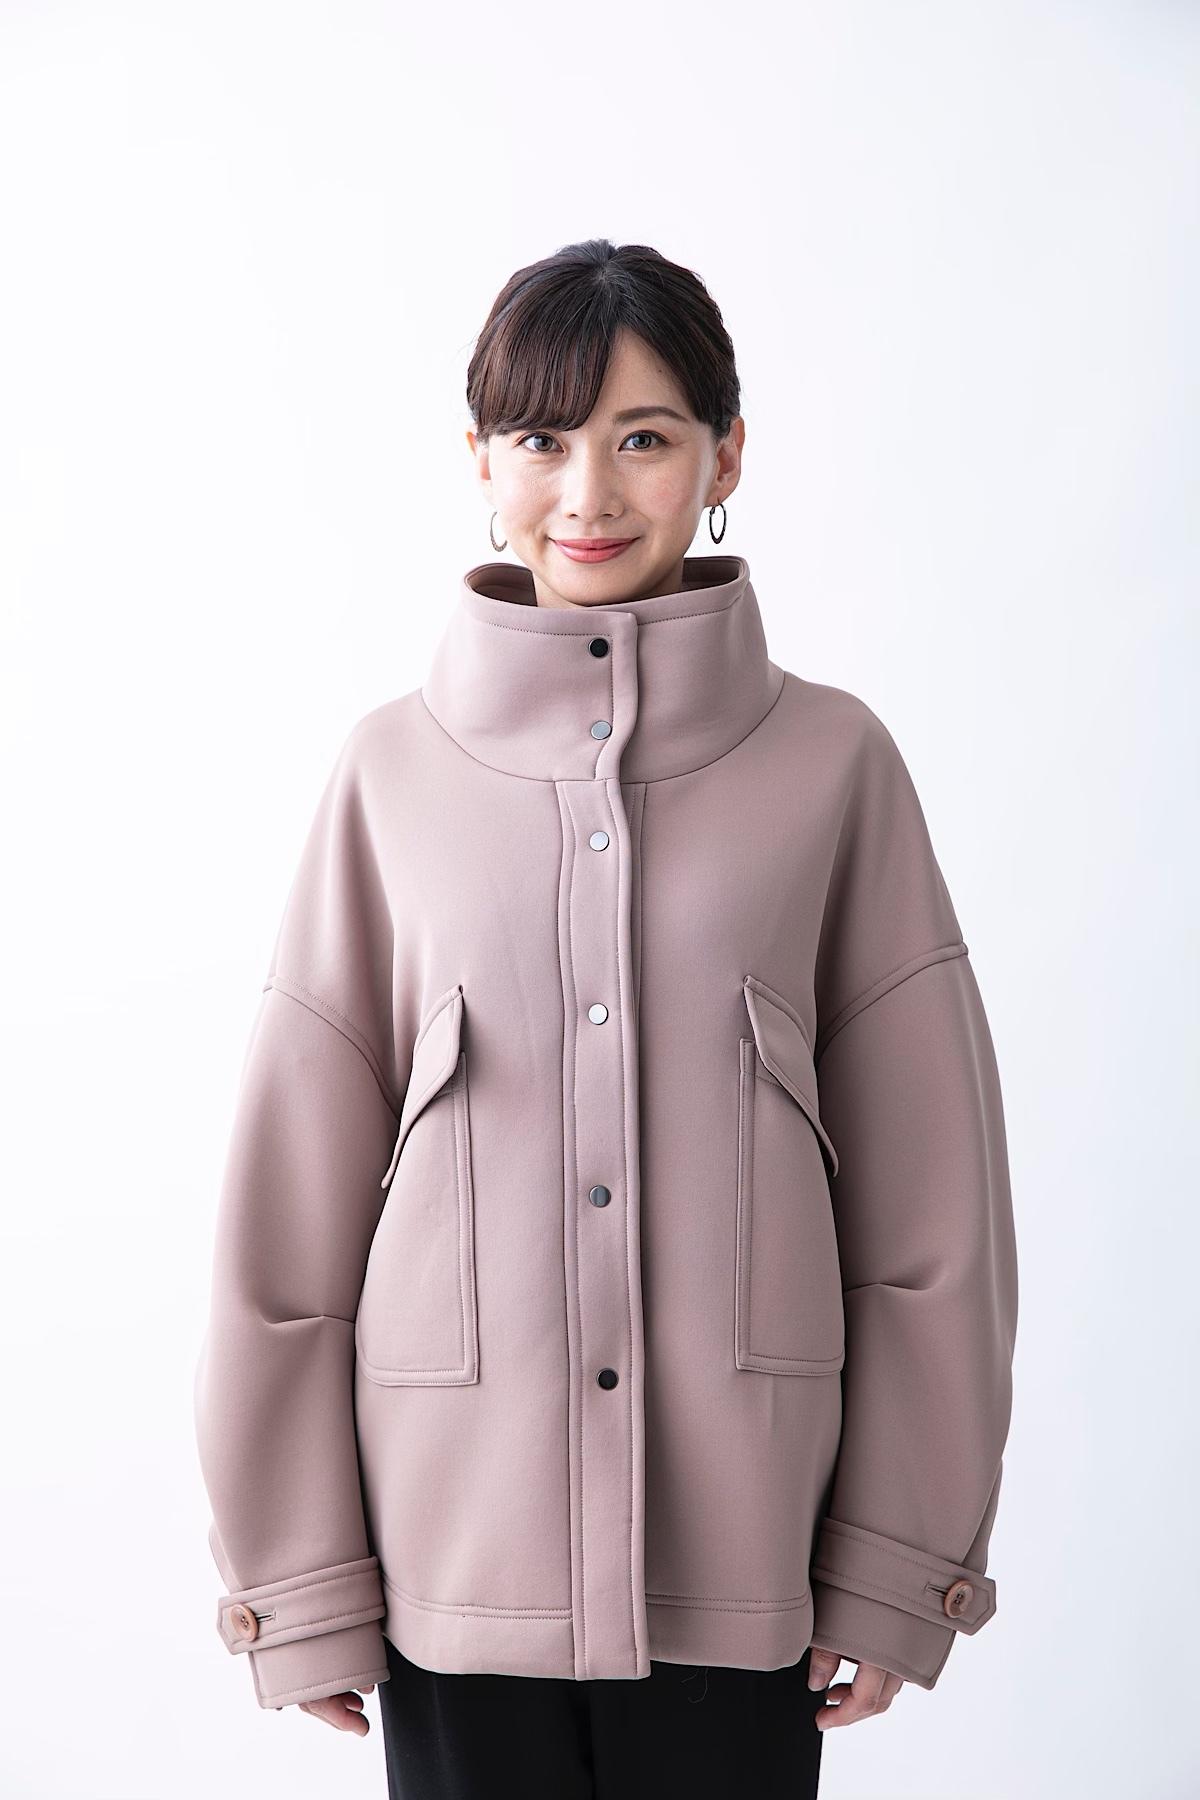 ソフトボンディングジャケット